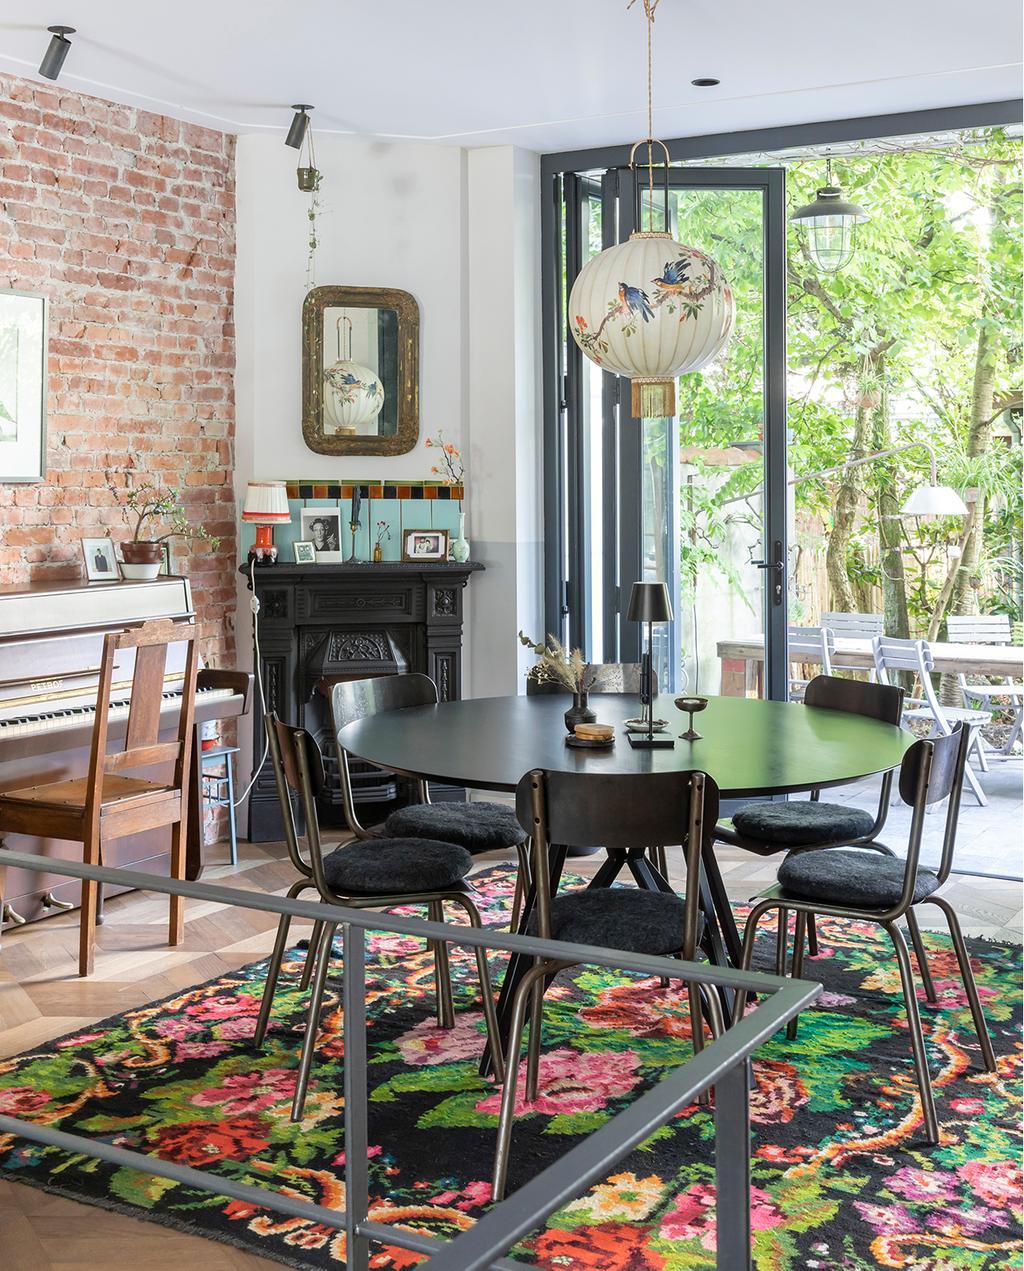 vtwonen 04-2020 | leefkamer met eettafel en stoelen met doorkijk richting de tuin Amsterdam